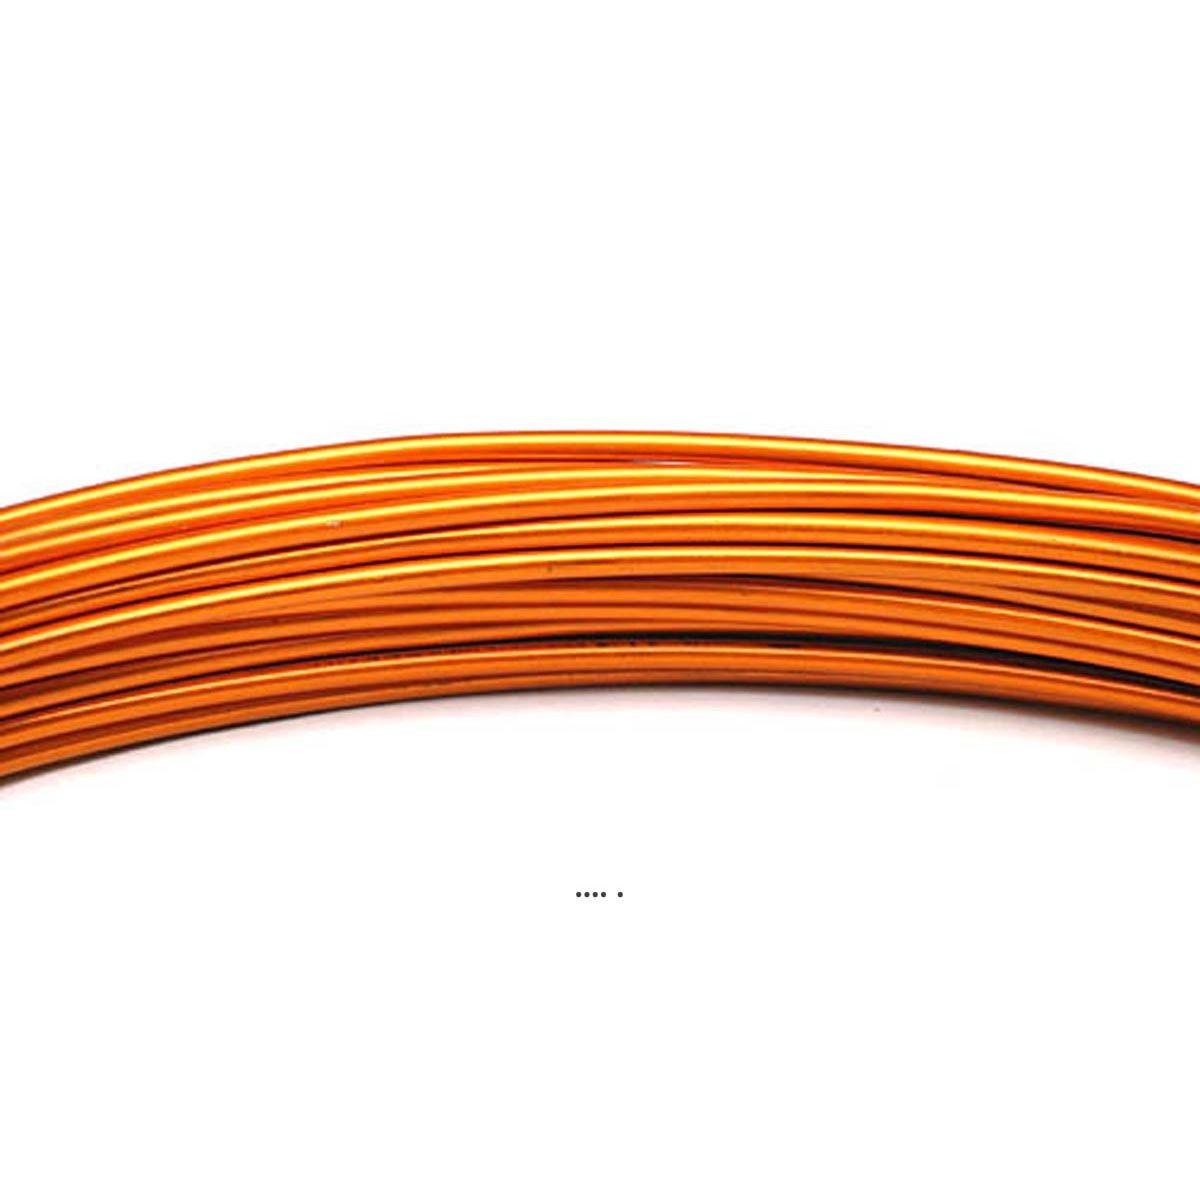 Fil aluminium Orange souple D 2 mm L 12 metres decoration - choisissez votre coloris: Orange